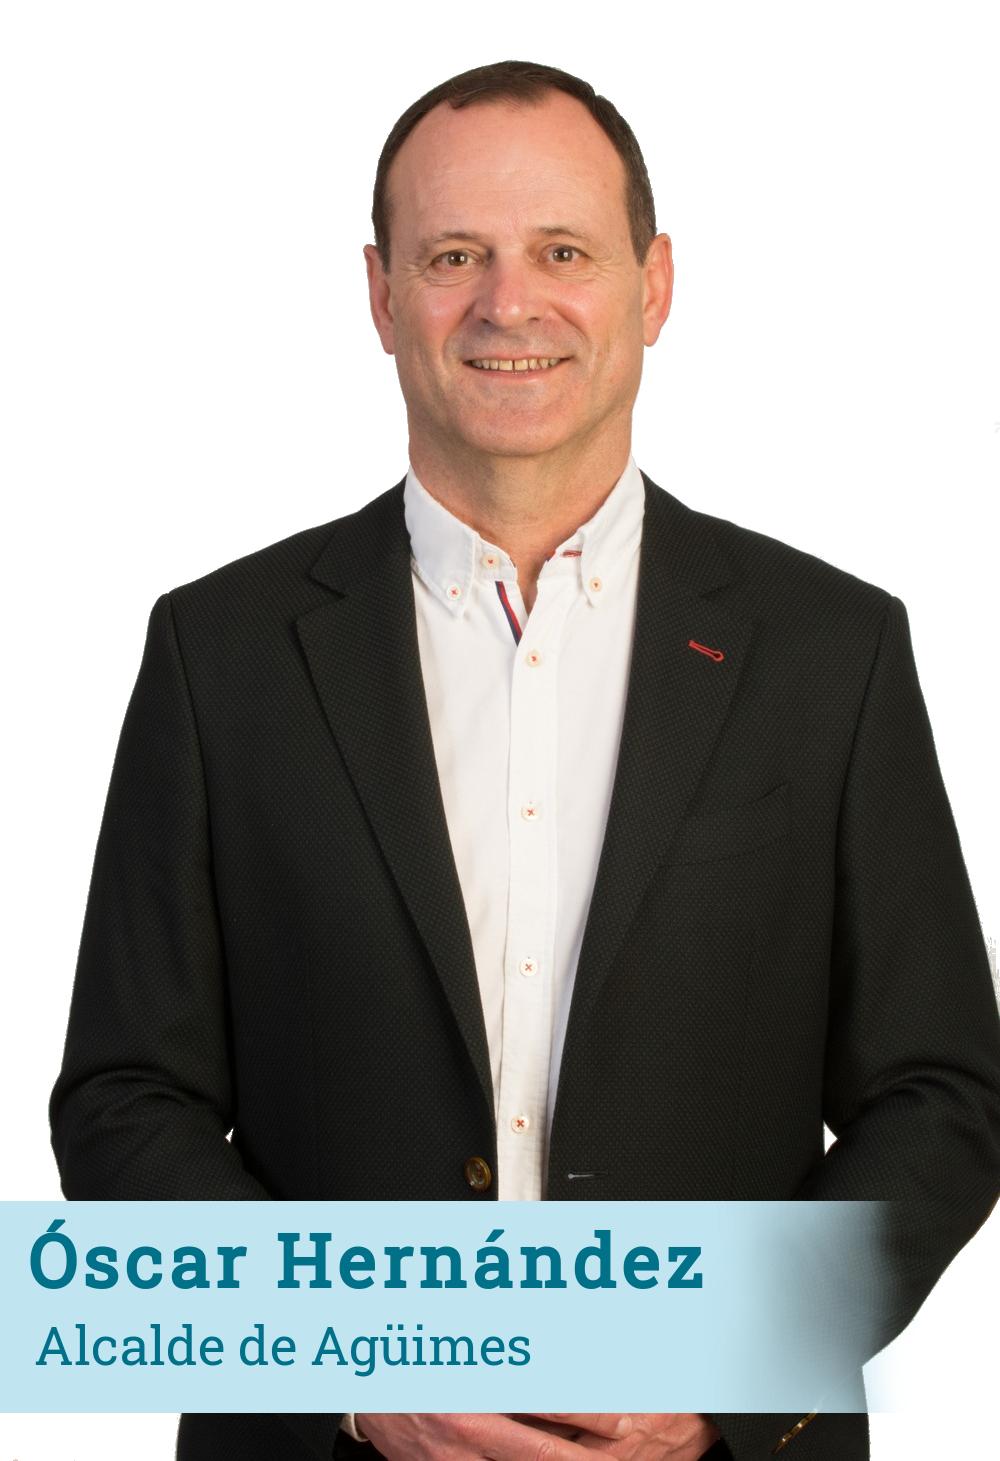 Óscar Hernández - Alcalde